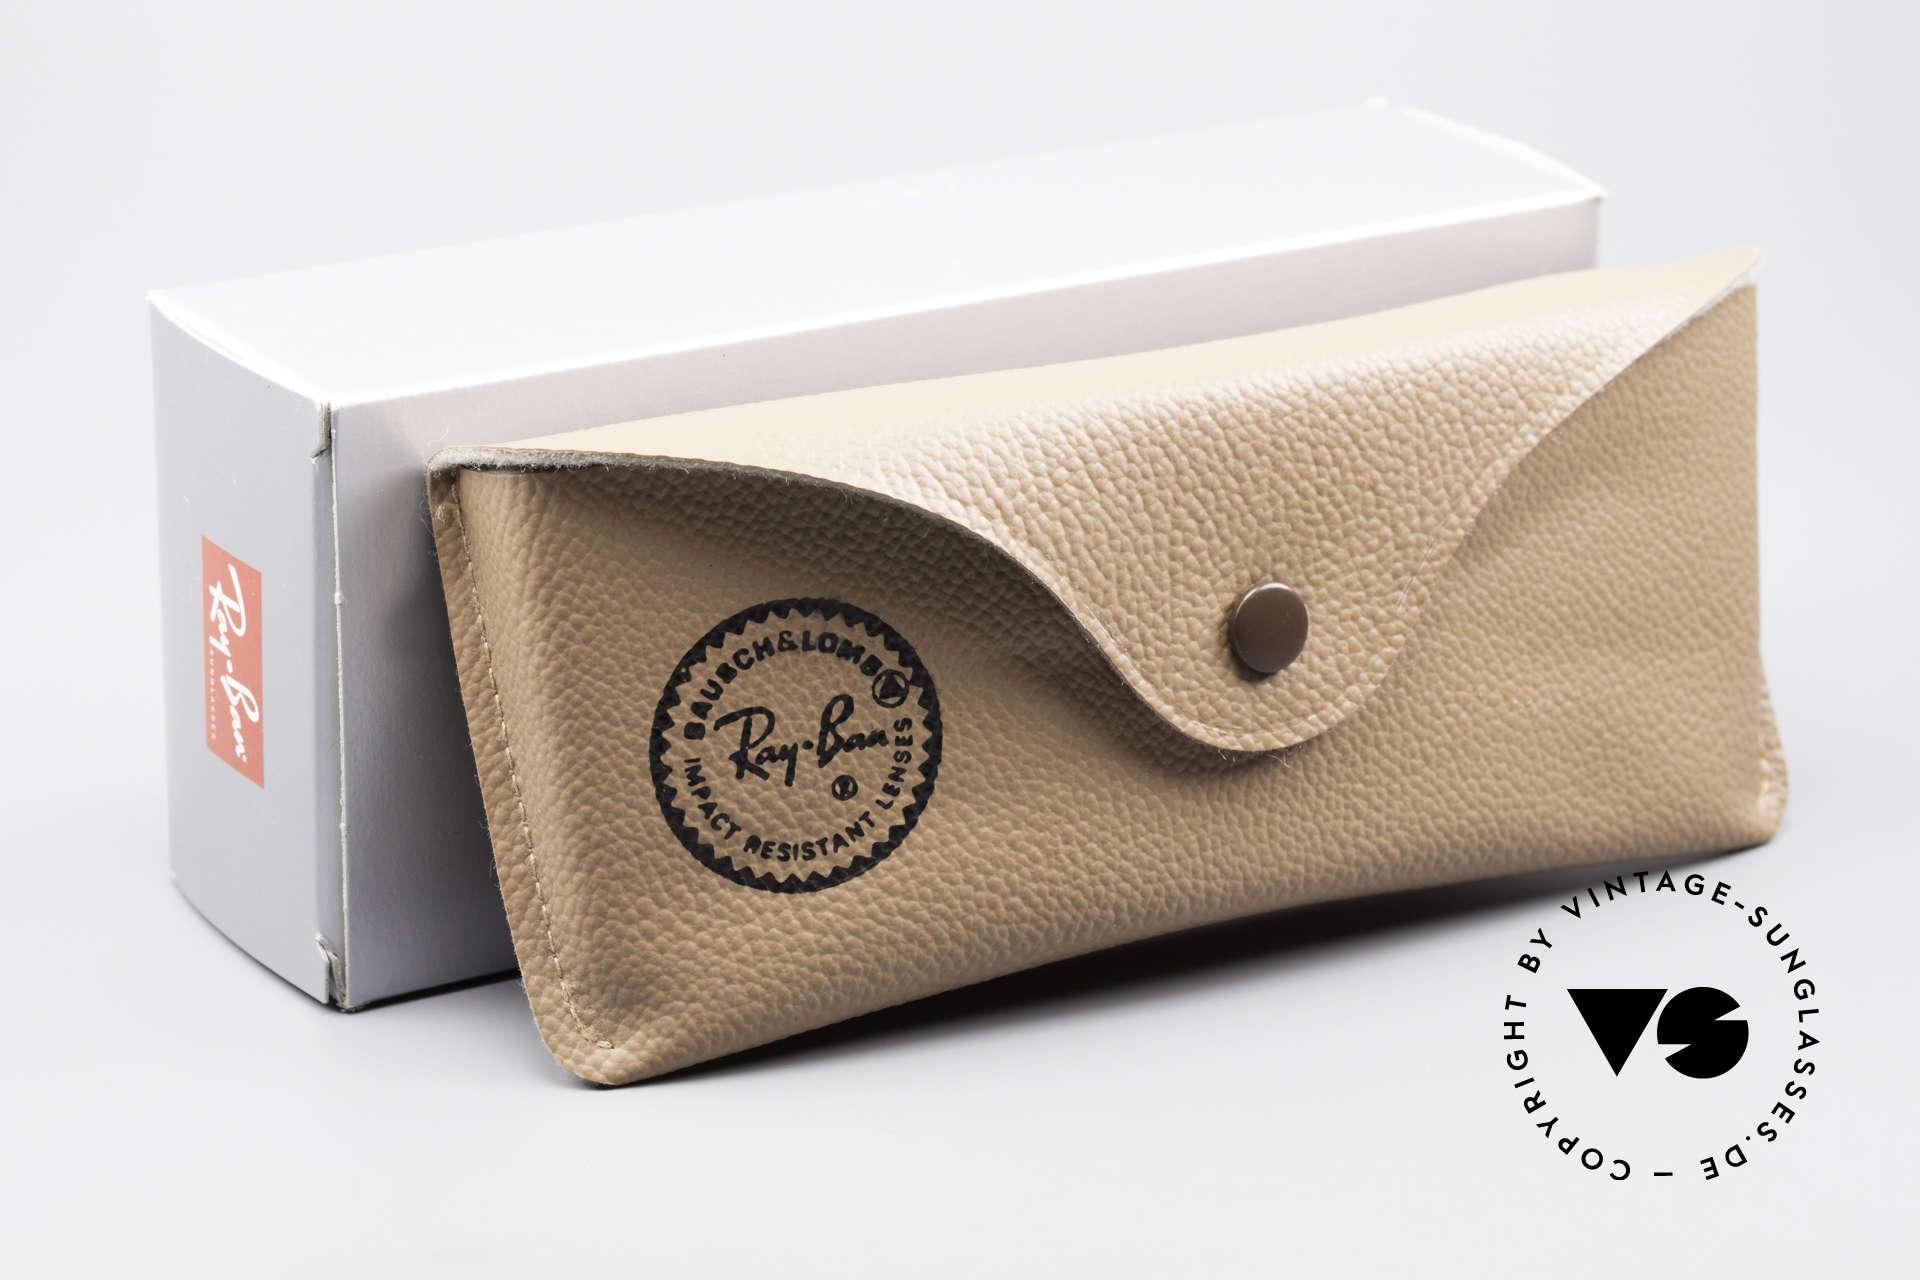 Ray Ban Fashion Metal 5 Sonnenbrille Aviator Style, Größe: medium, Passend für Herren